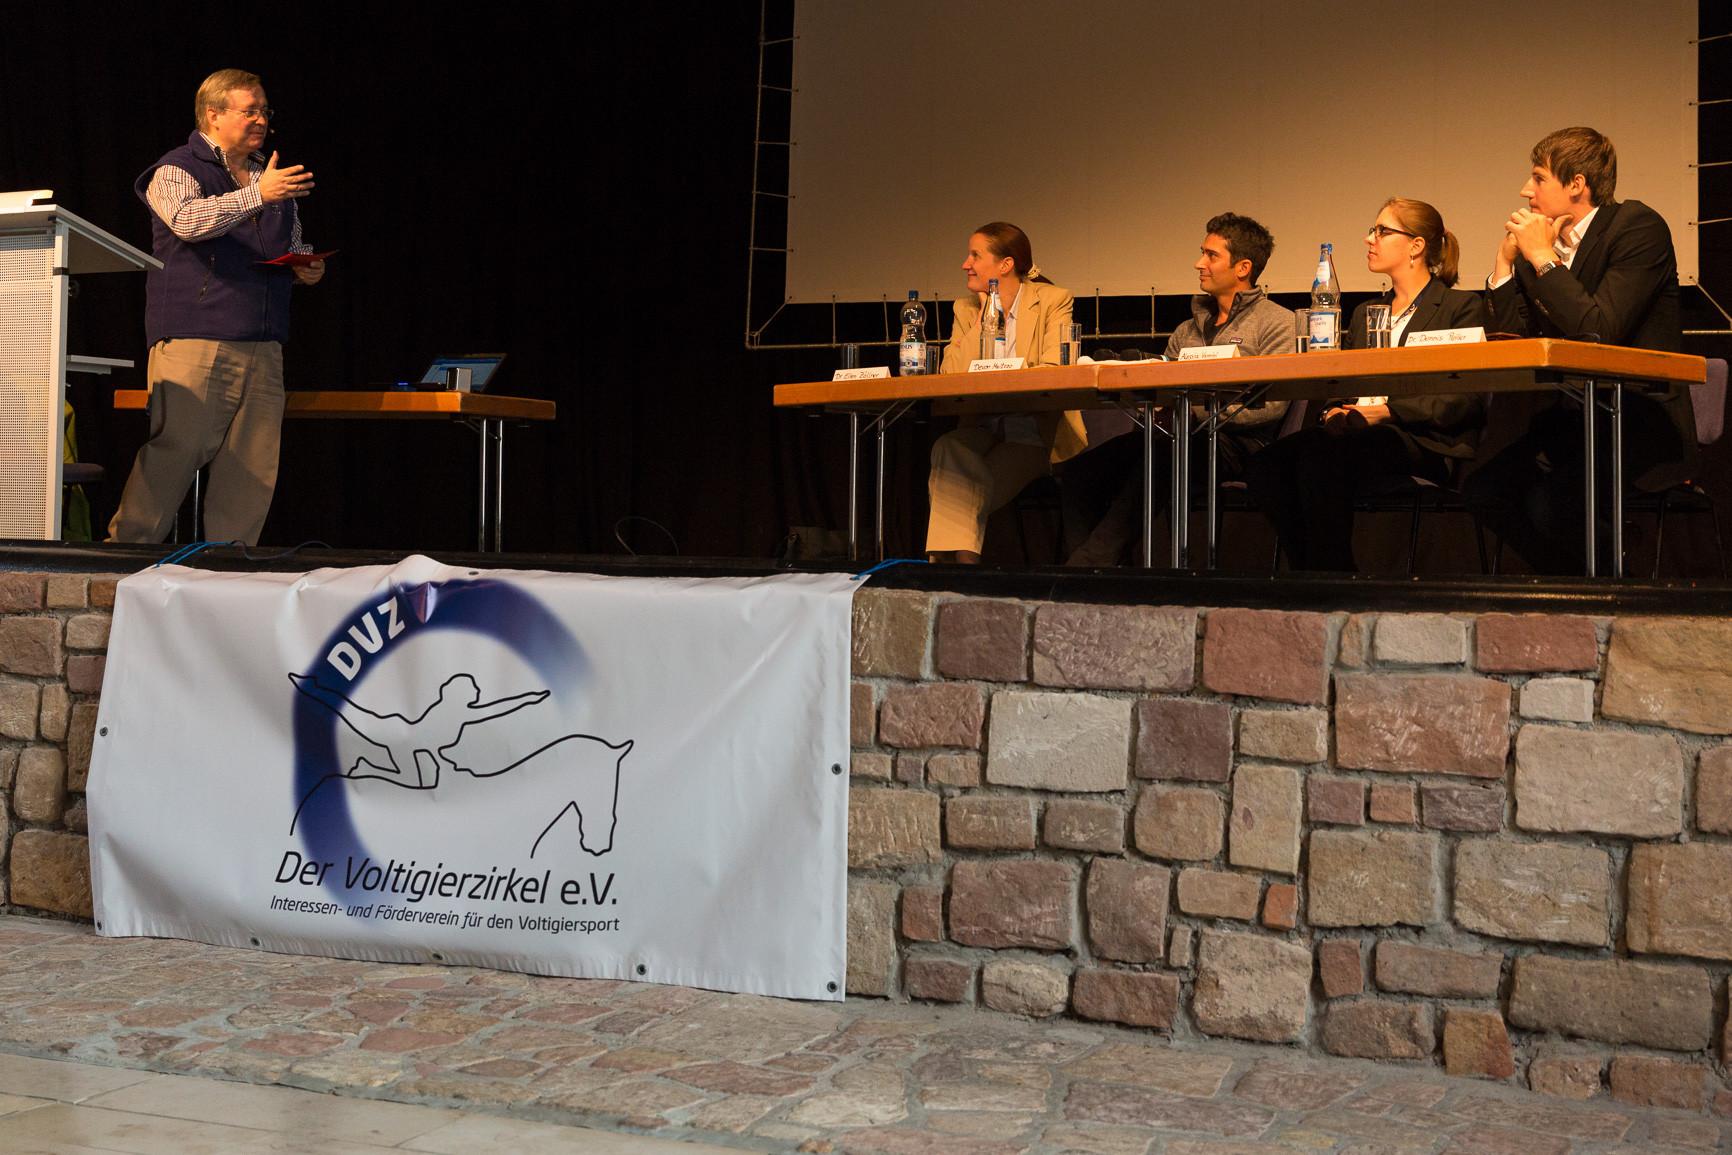 Podiumsdiskussion Voltigiertagung 2014: Dr. Ellen Zöllner, Devon Maitozo, Alessia Vannini und Dr. Dennis Peiler (von links) diskutierten unter der Leitung von Leo Laschet (stehend) die Entwicklung des Voltigiersports